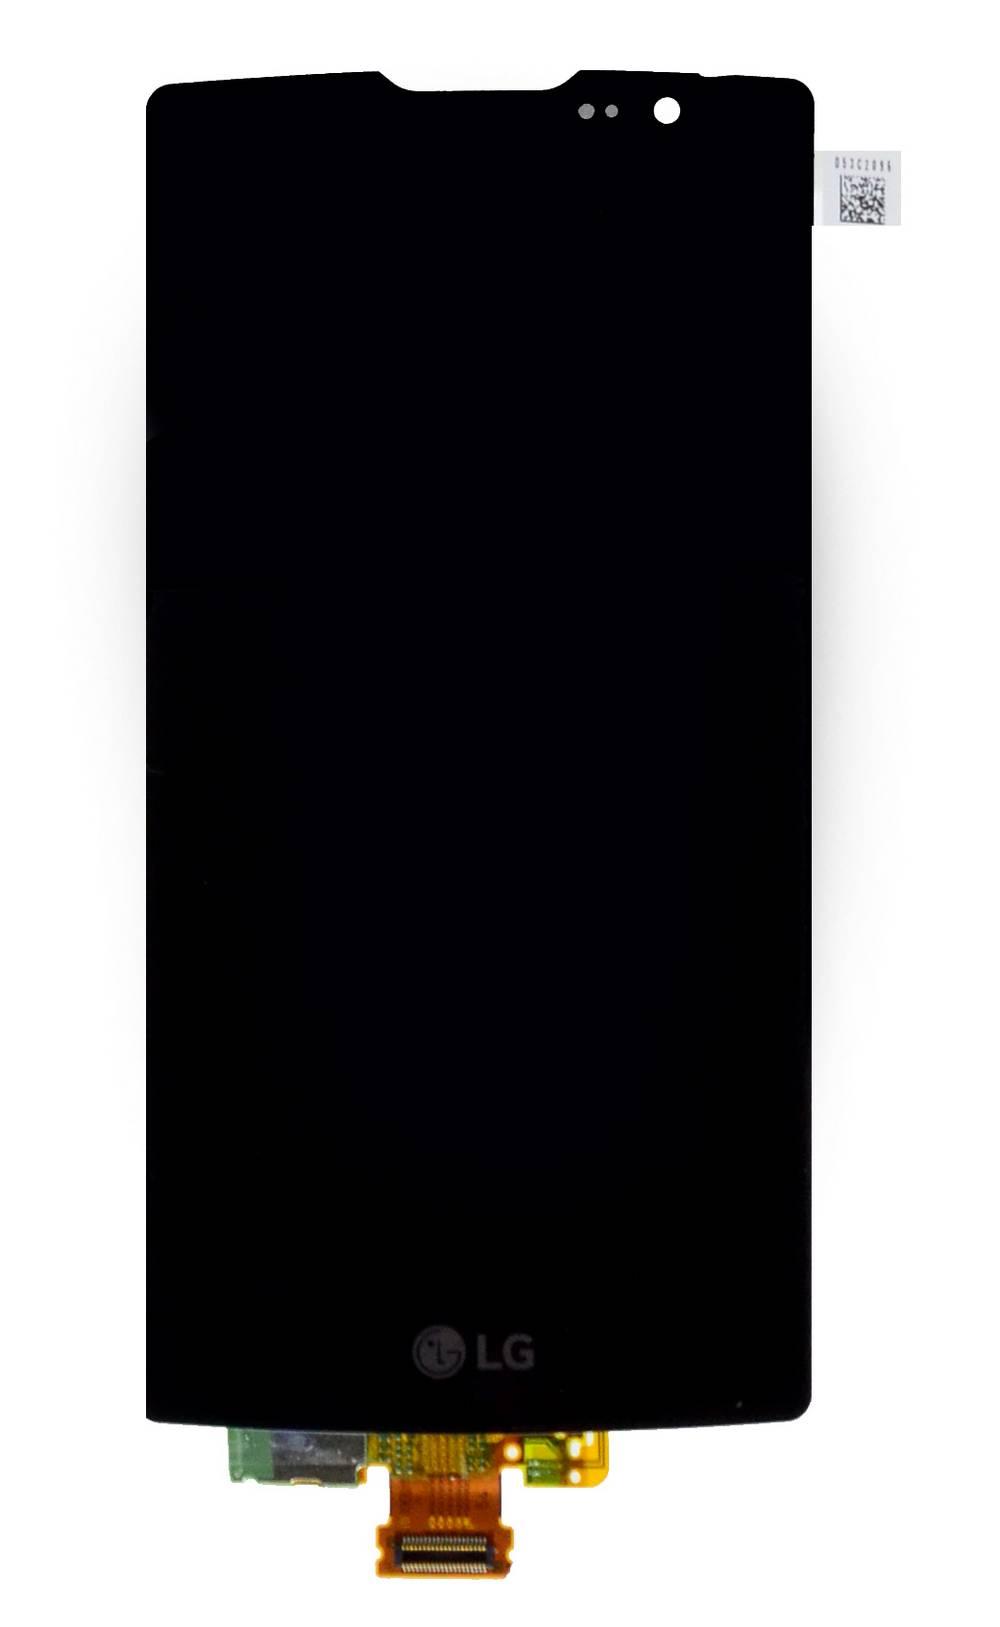 Γνήσια Οθόνη & Μηχανισμός Αφής LG Spirit H420/ H440 4G LTE Μαύρο χωρίς Πλαίσιο, Κόλλα